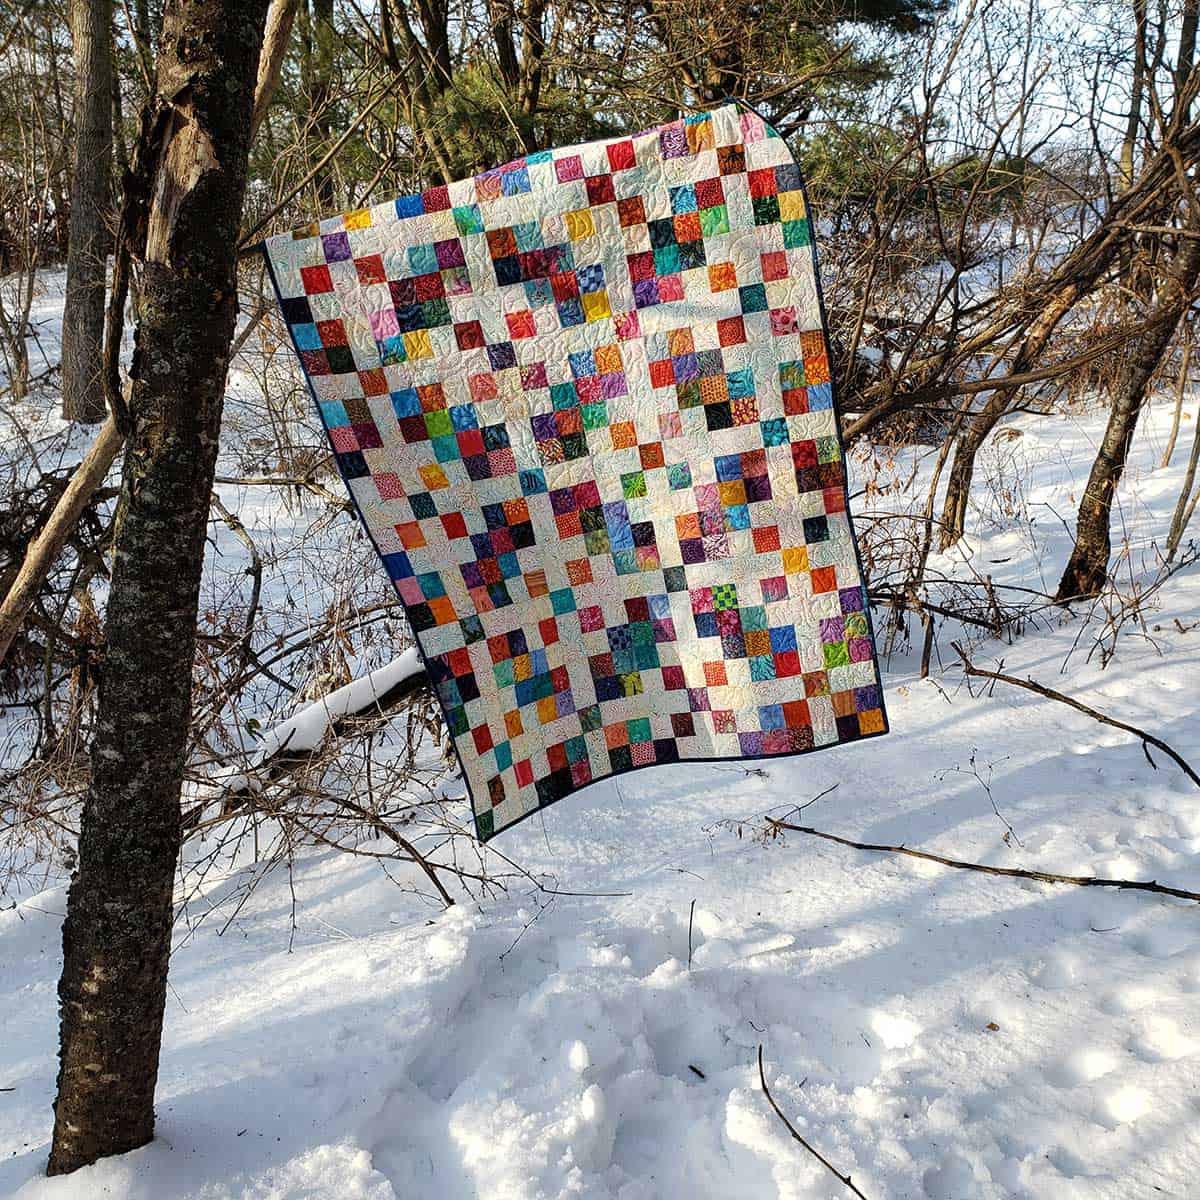 Scrappy Squares batik quilt in woods